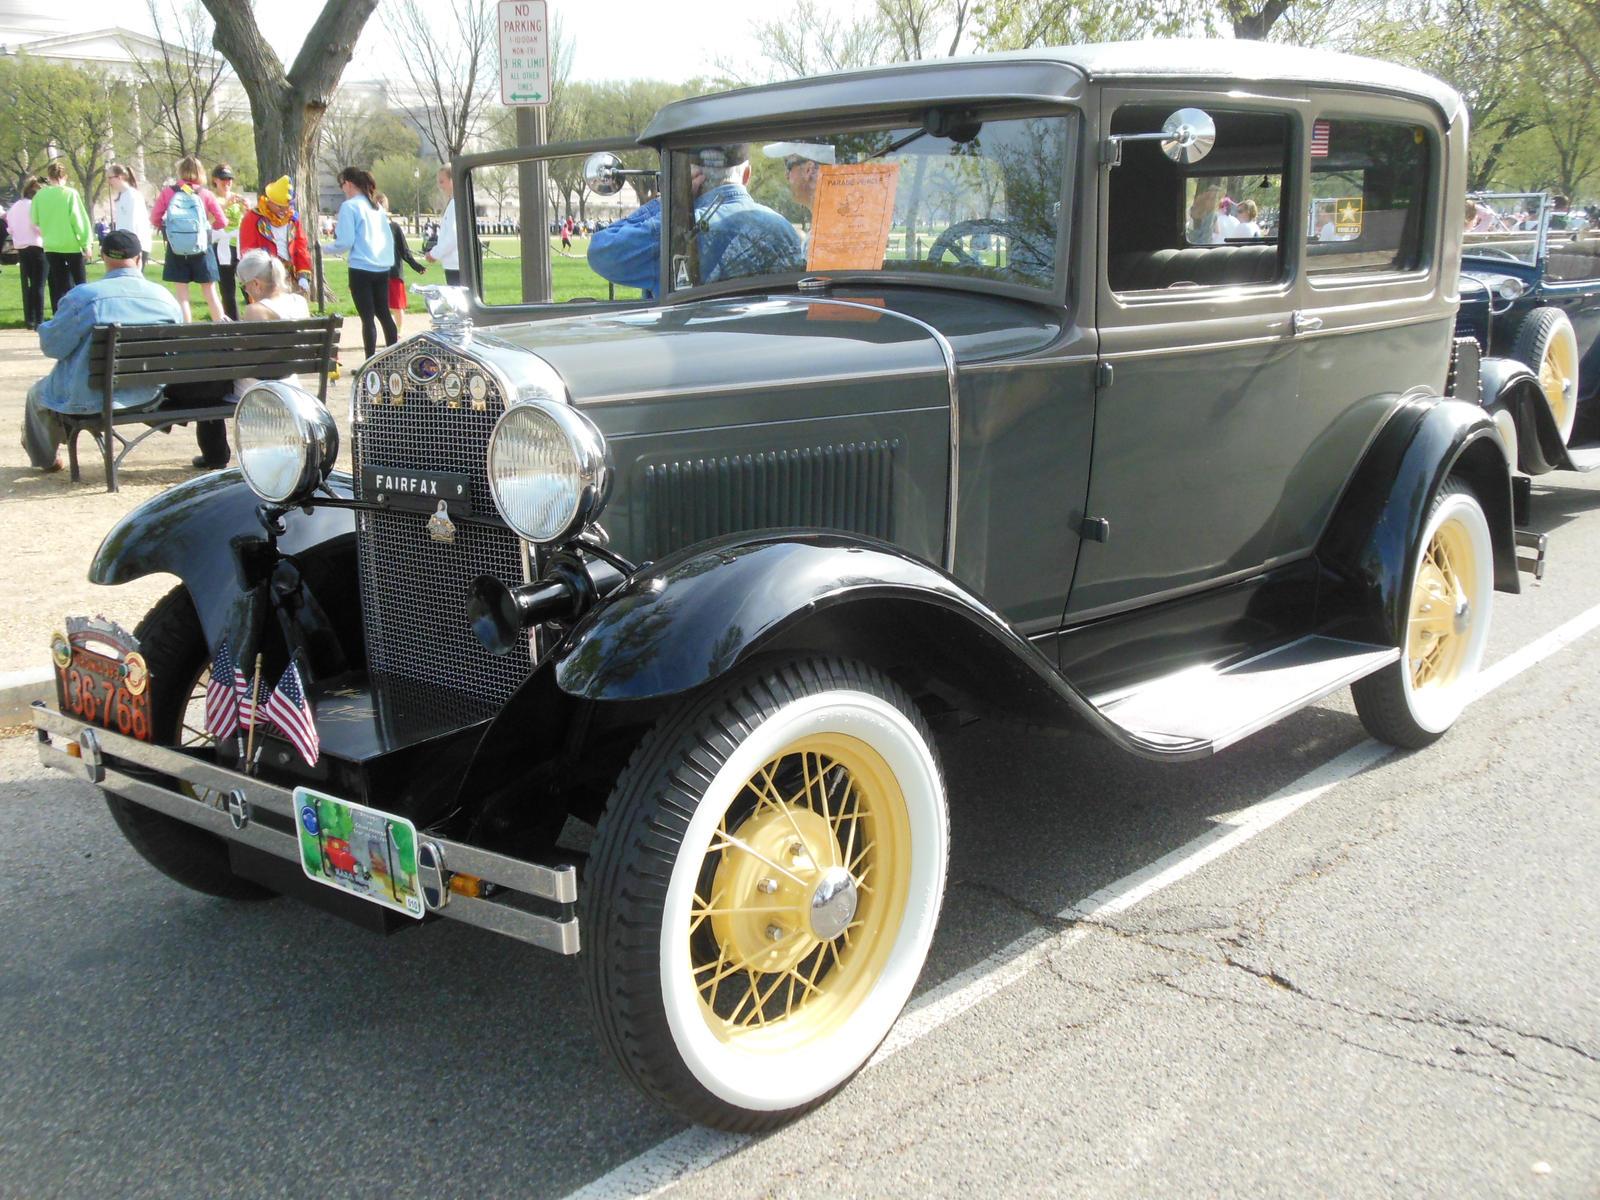 1930 Ford Model A Tudor Sedan by rlkitterman on deviantART